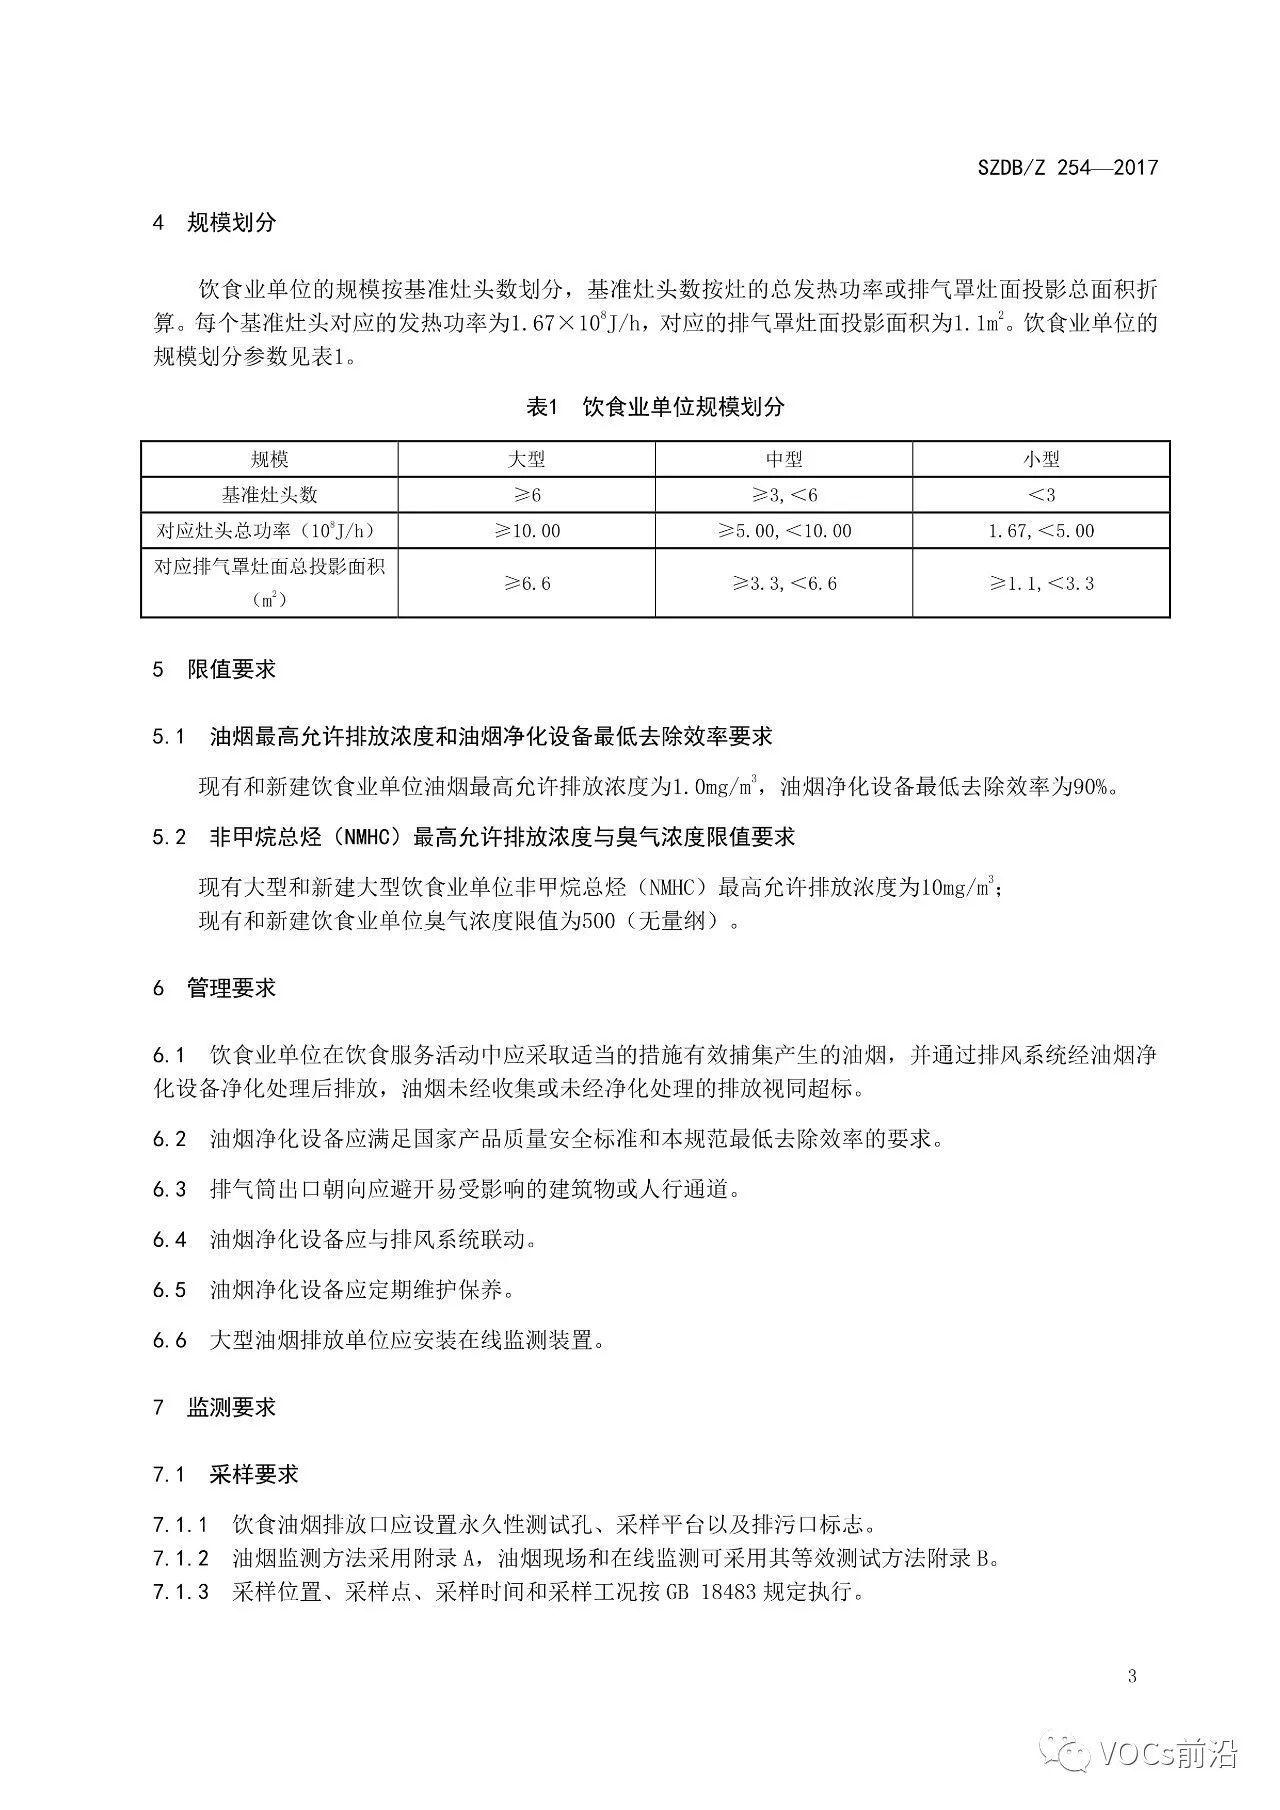 深圳:《饮食业油烟排放控制规范》正式实施,明